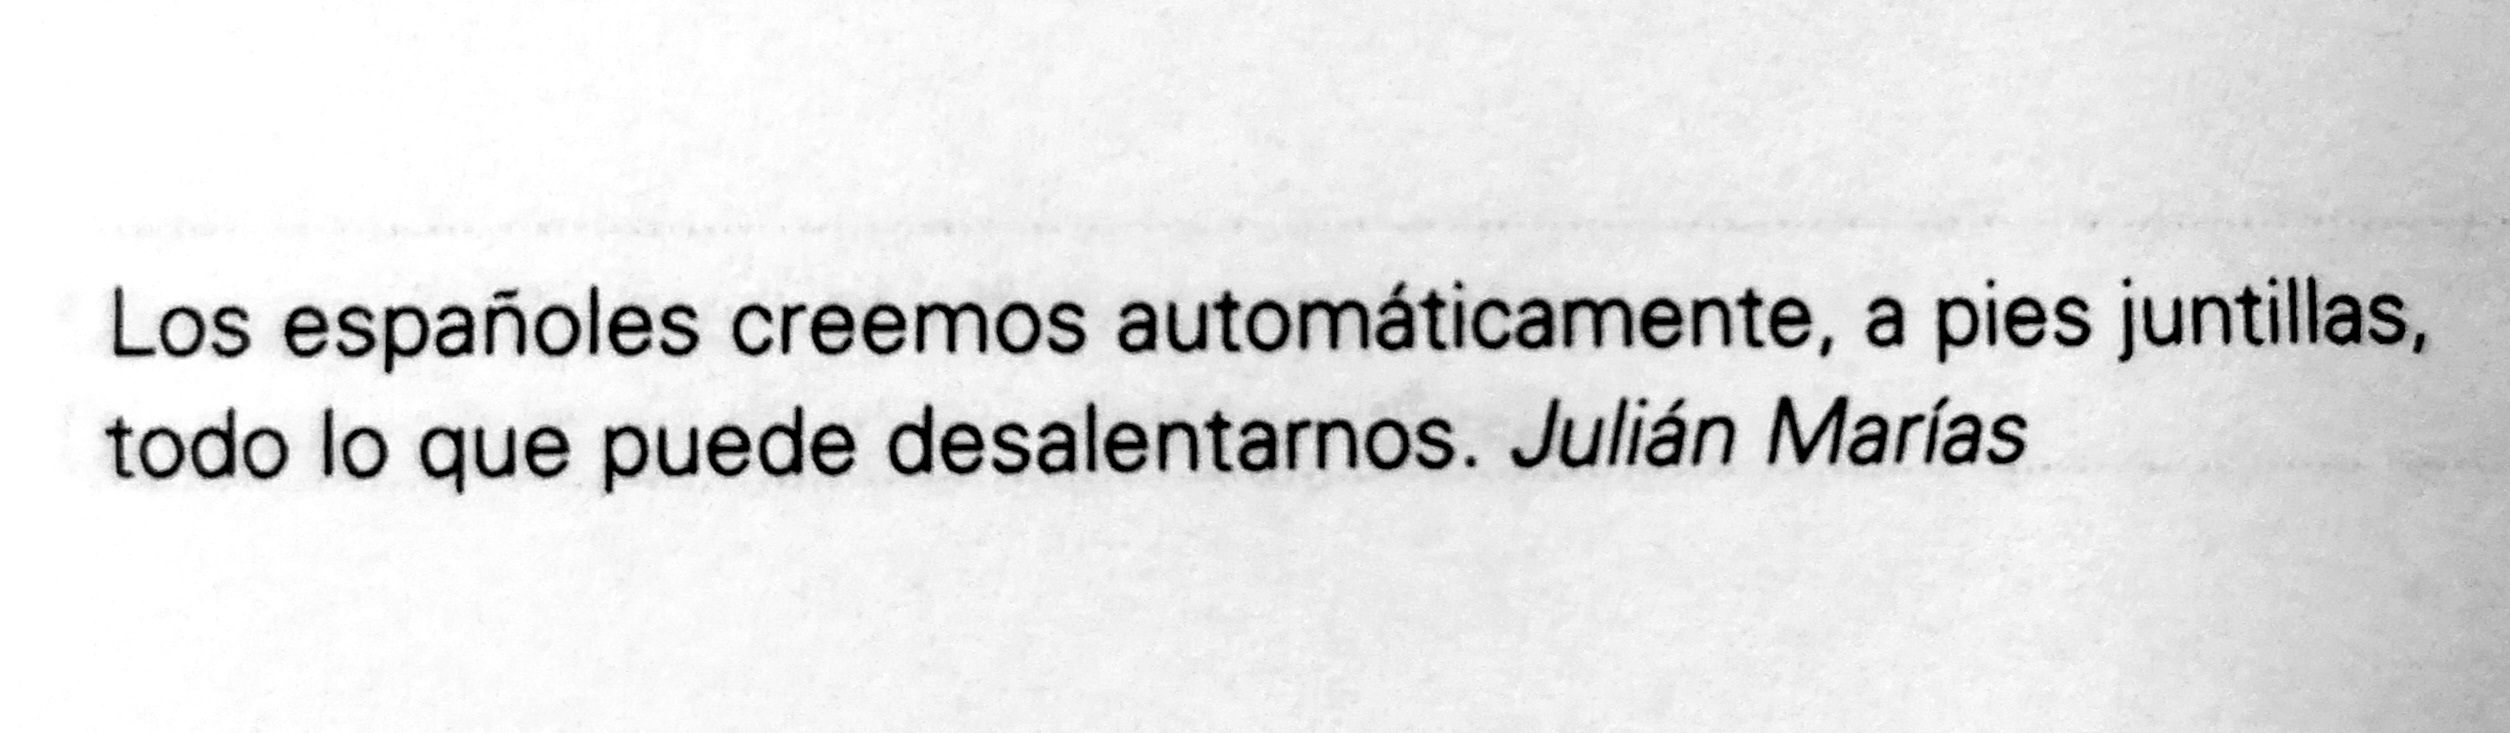 Frase de Julián Marías